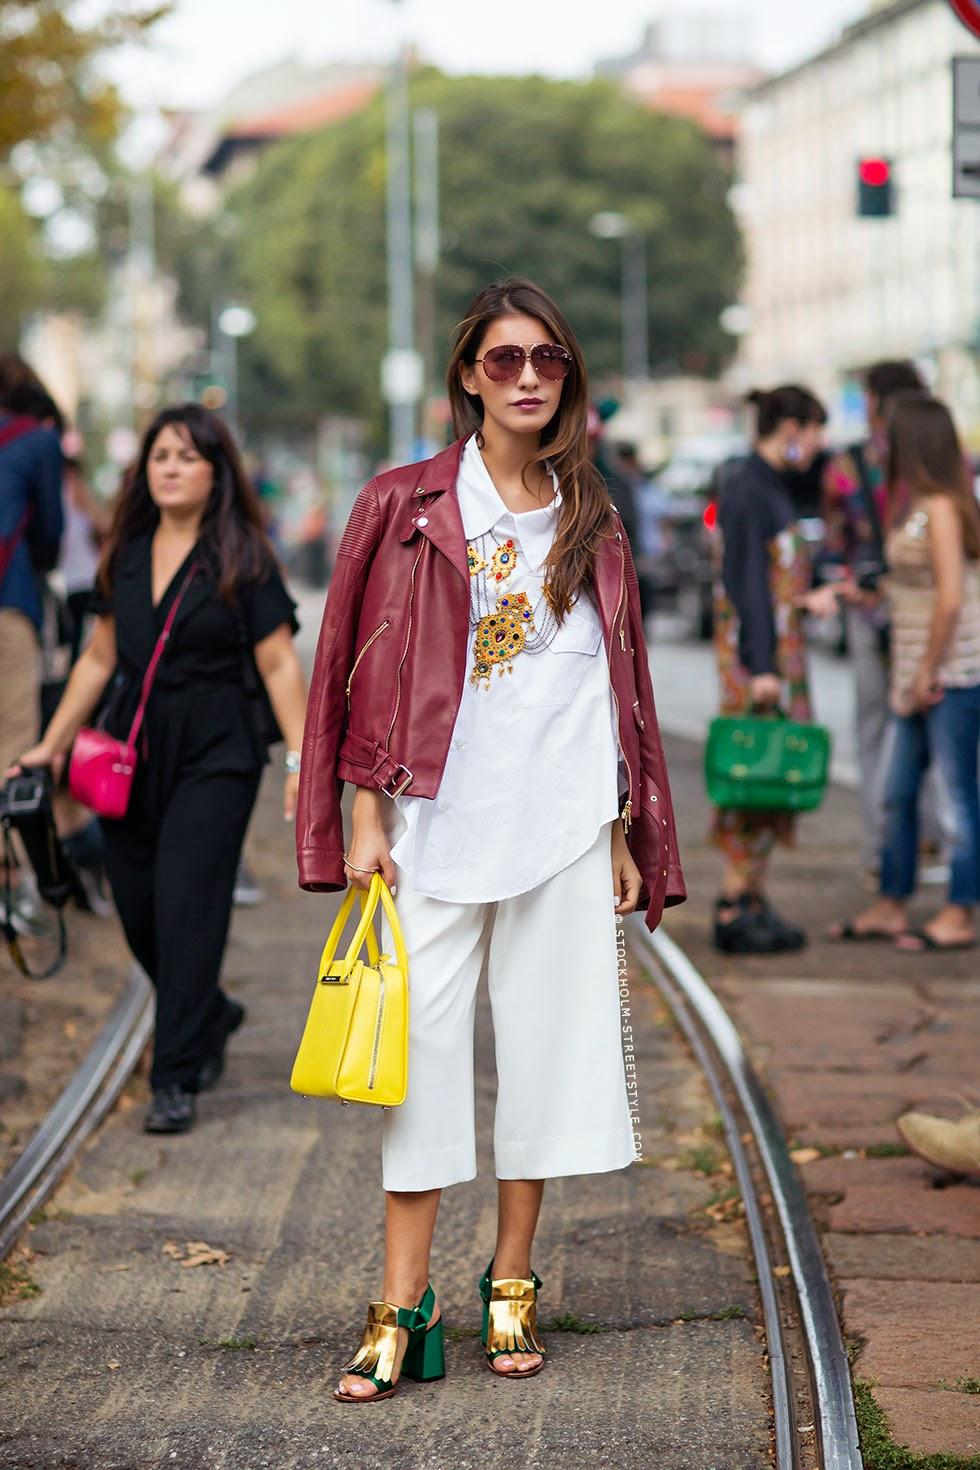 Street style - Moda de rua - Quem arrisca cria tendências